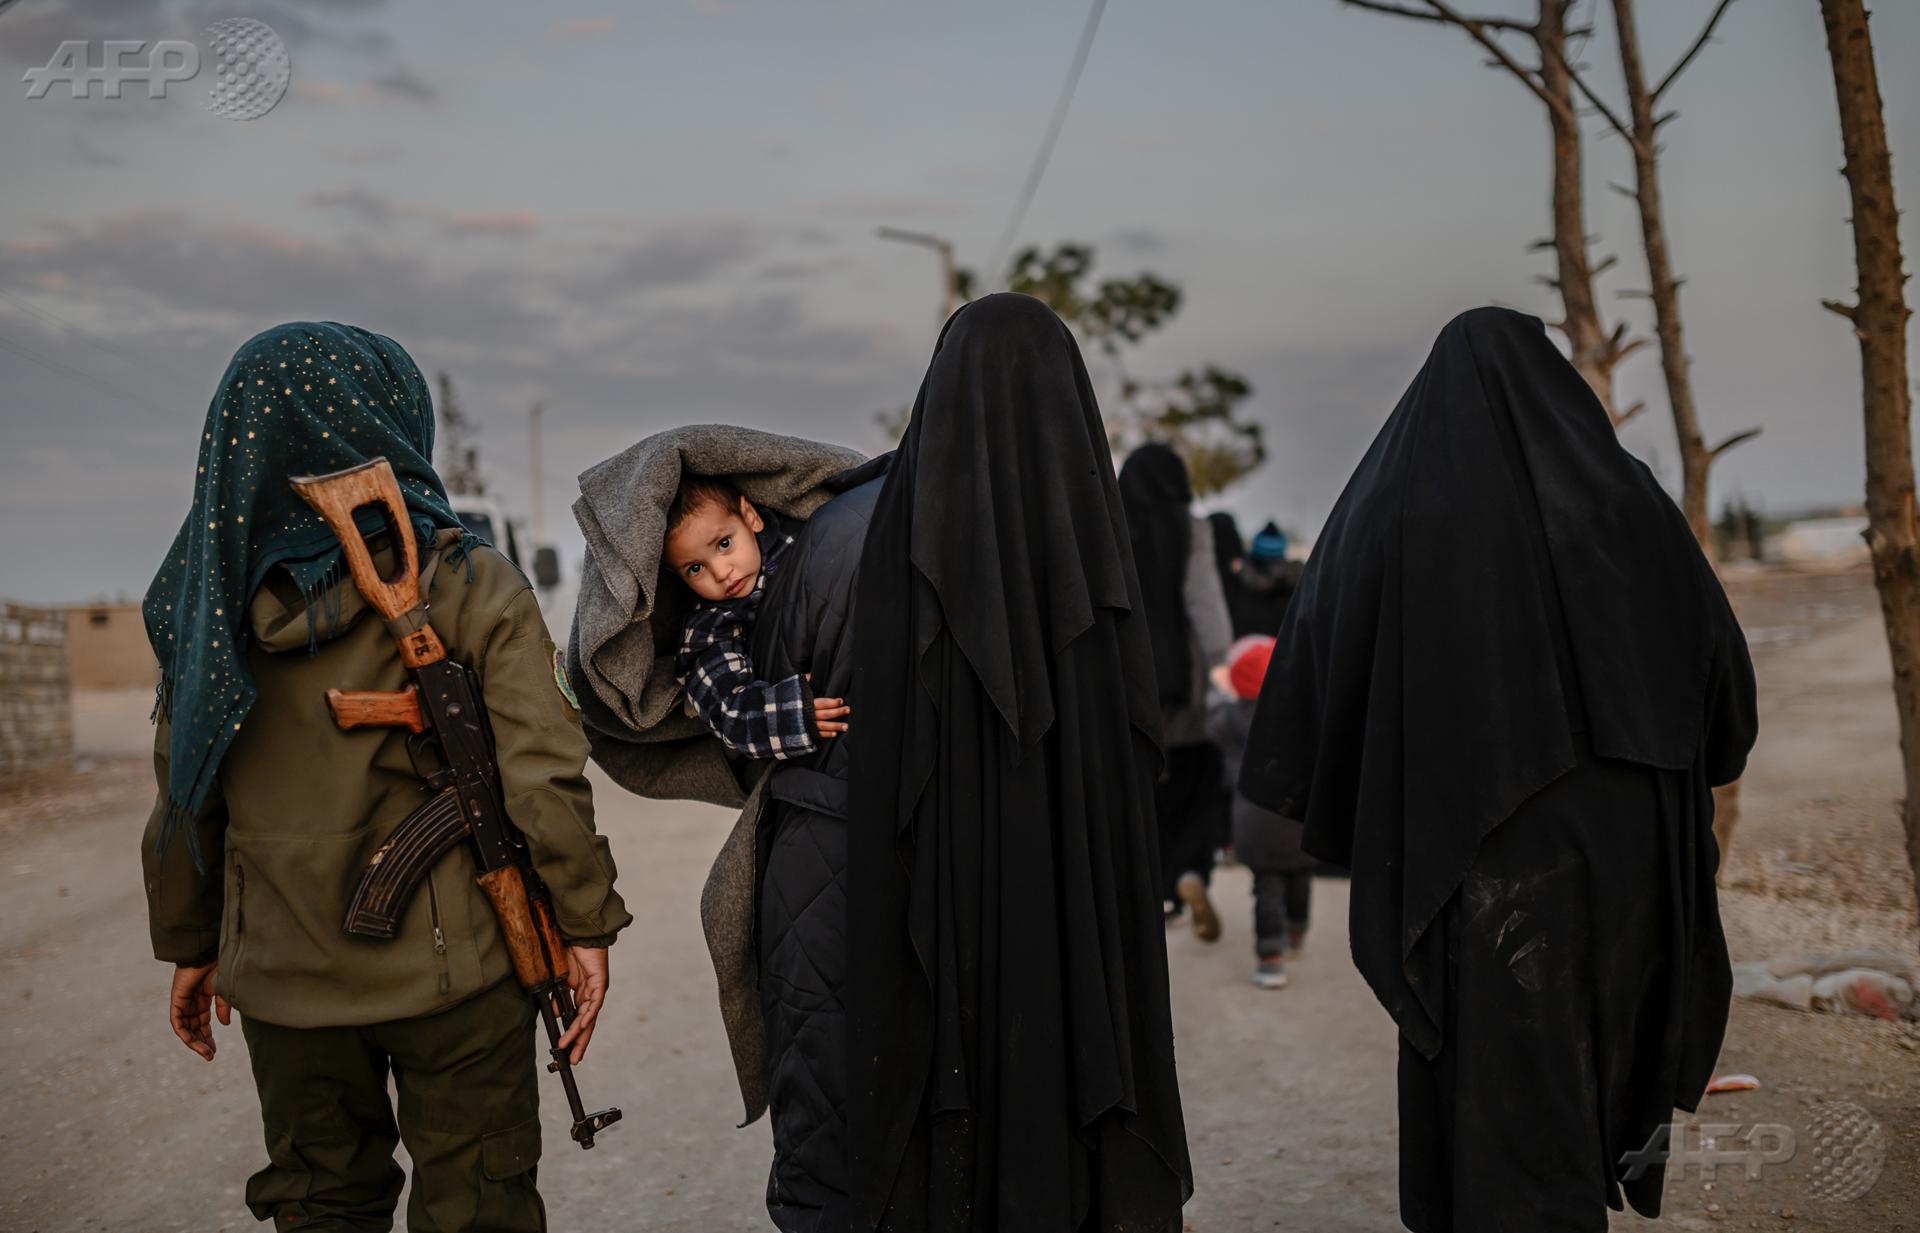 La sélection 2019 des photographies AFP pour l'opération « Regard des jeunes de 15 ans »